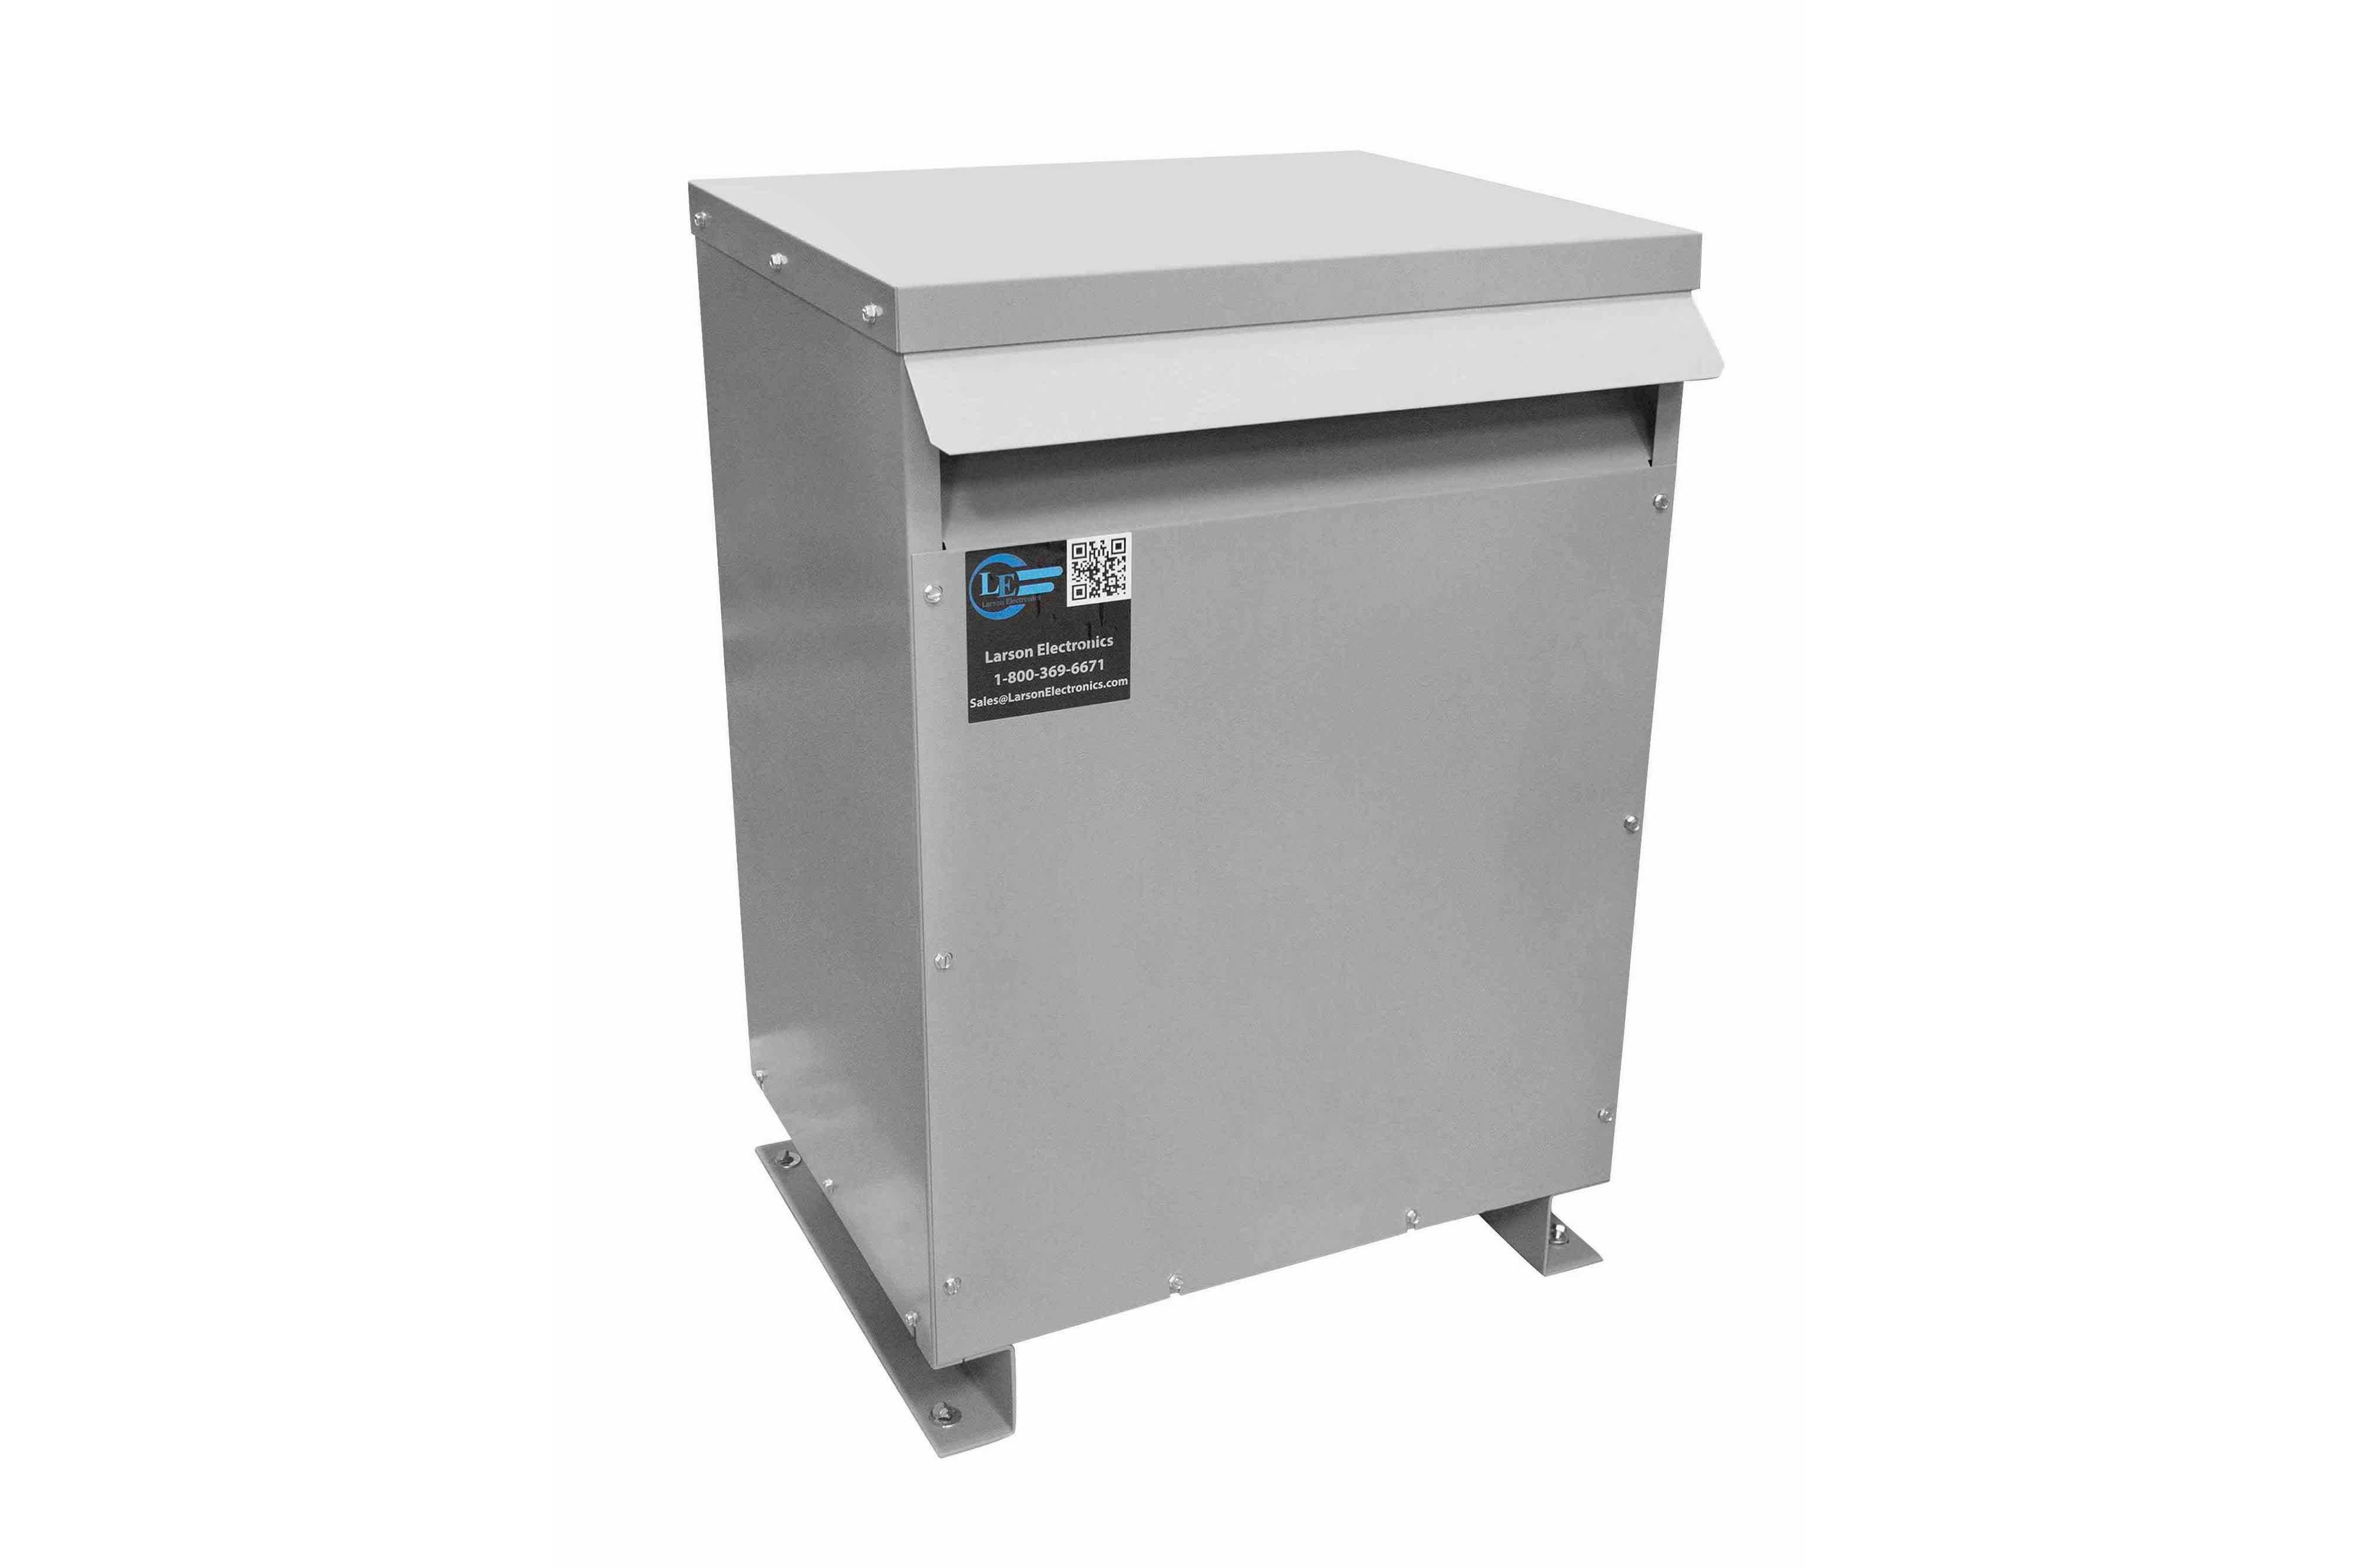 10 kVA 3PH Isolation Transformer, 400V Delta Primary, 480V Delta Secondary, N3R, Ventilated, 60 Hz